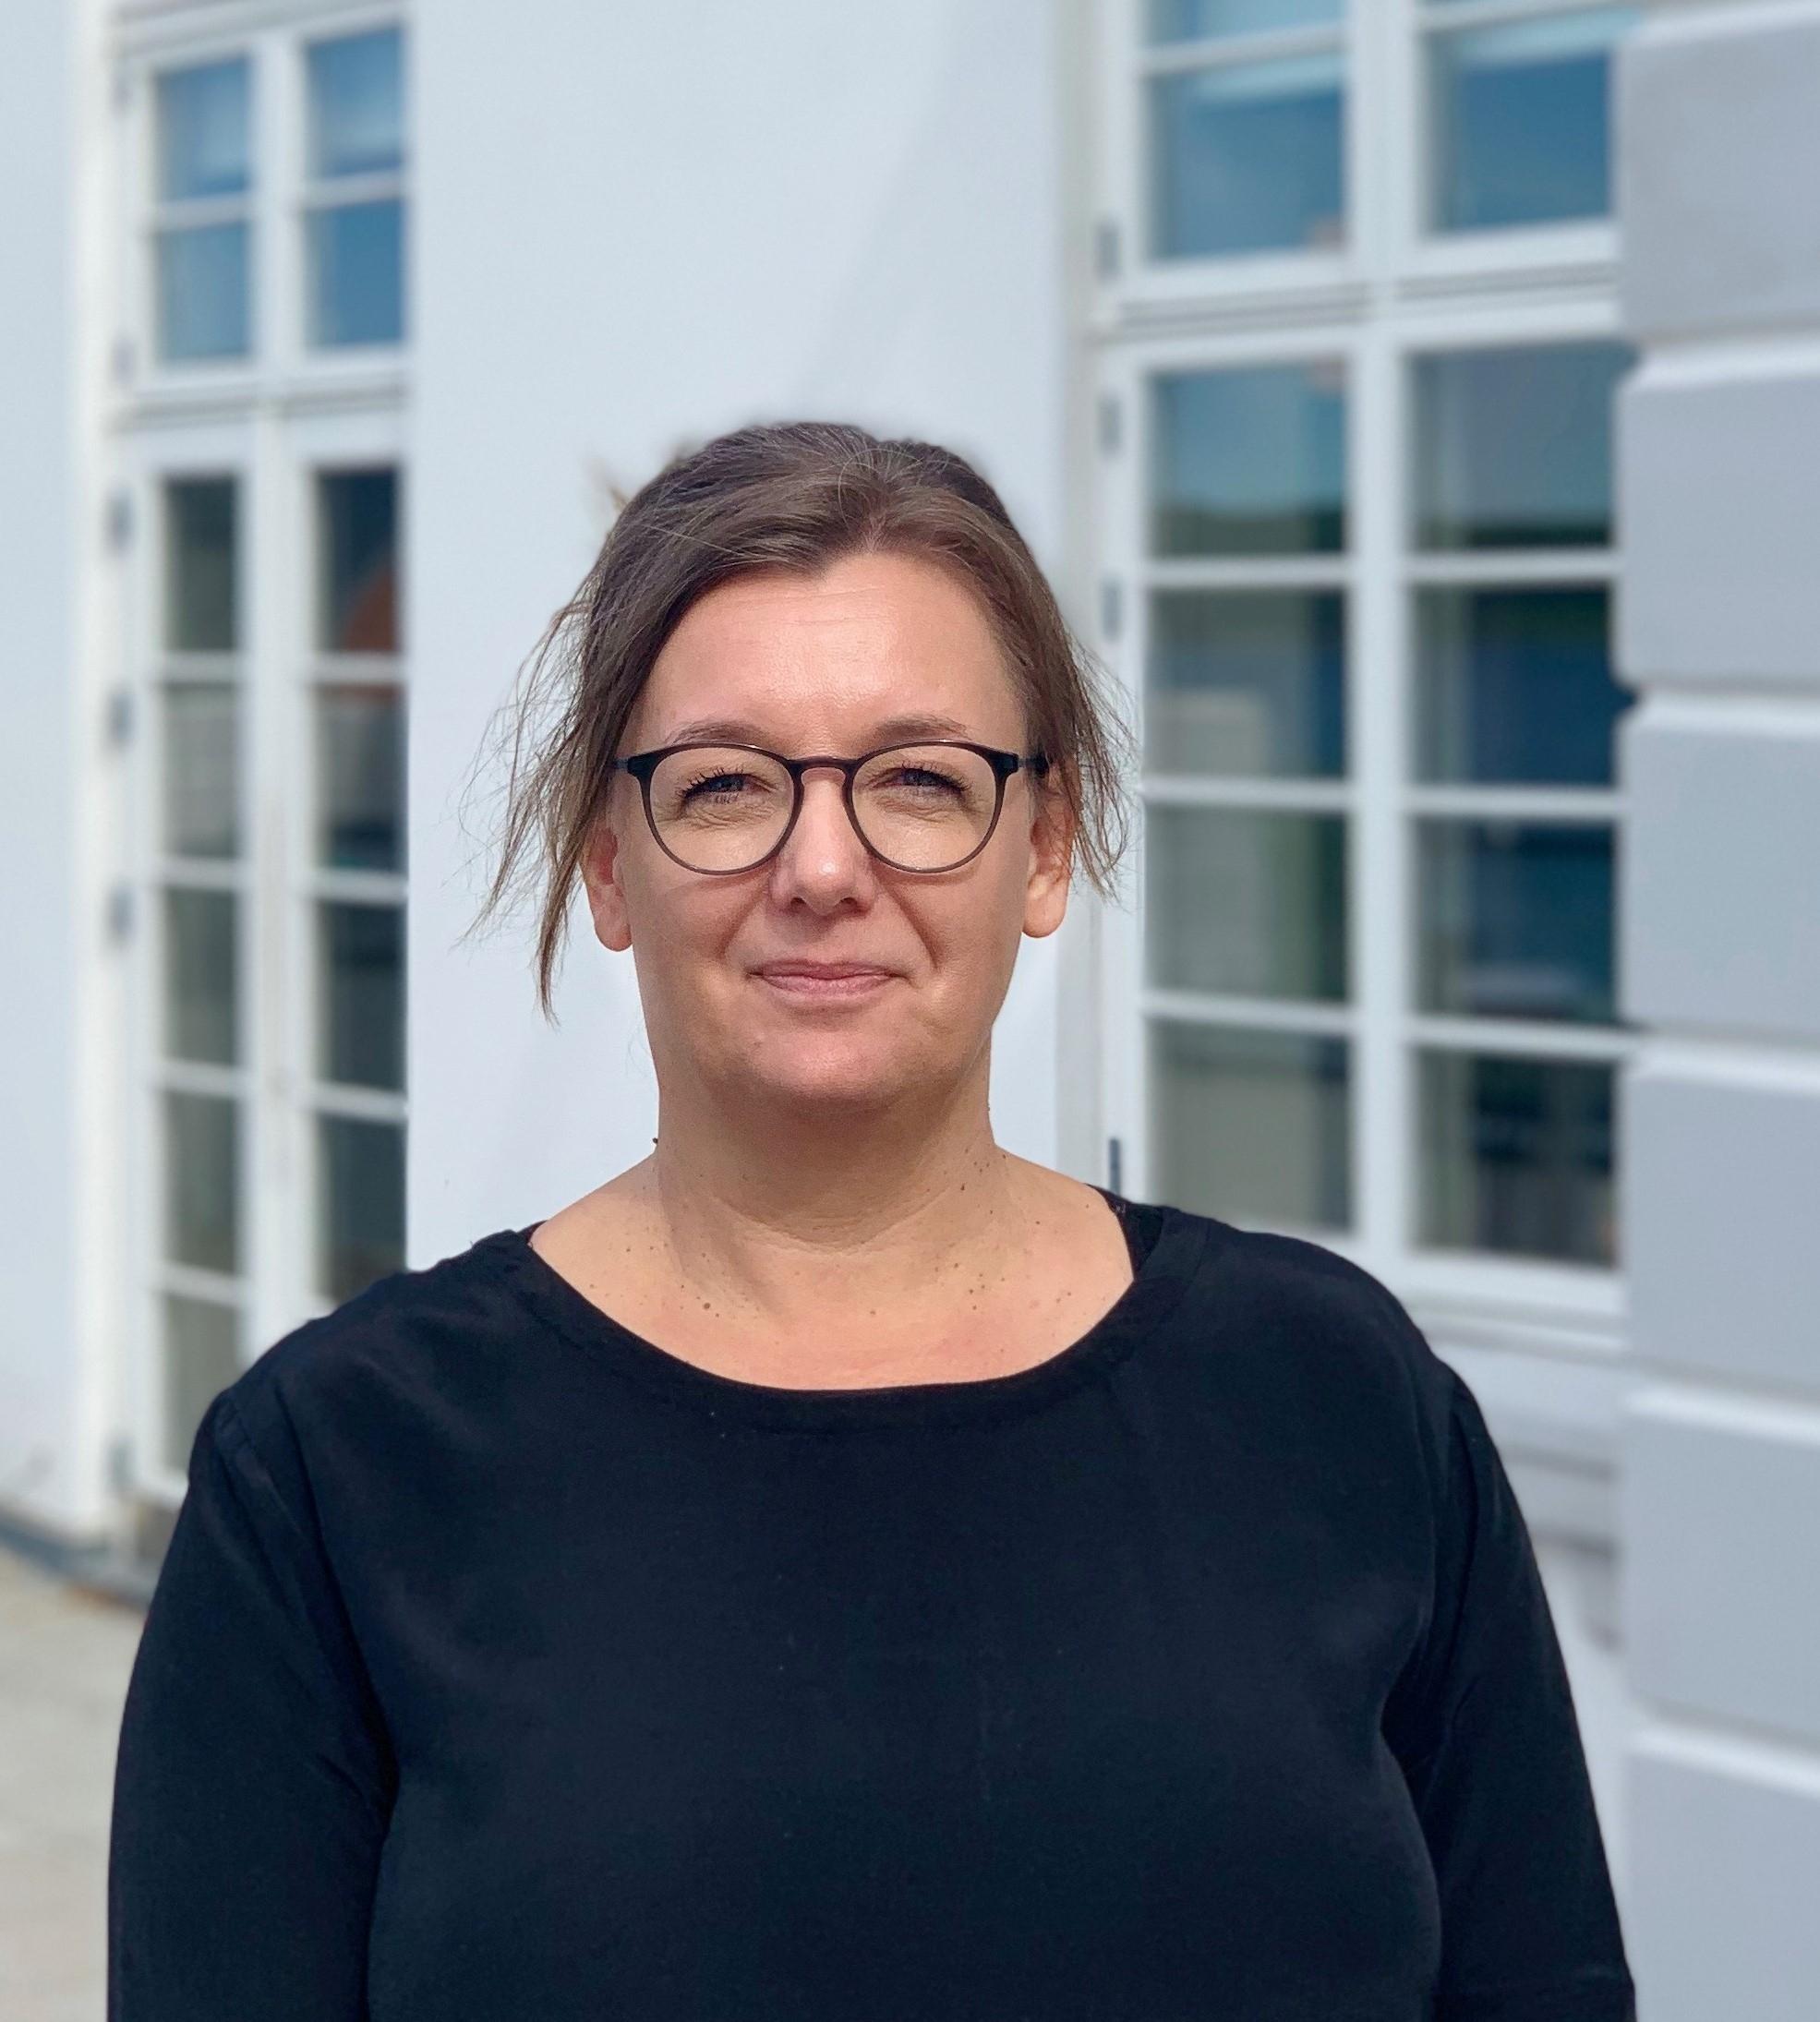 Christina Nielsen er ny direktør for Sinatur-hotellet i Middelfart, hvor hun også bor med sin familie. I fritiden sejler hun blandt andet match racing fra marinaen i Middelfart. Foto: Sixtus Sinatur Hotel & Konference.